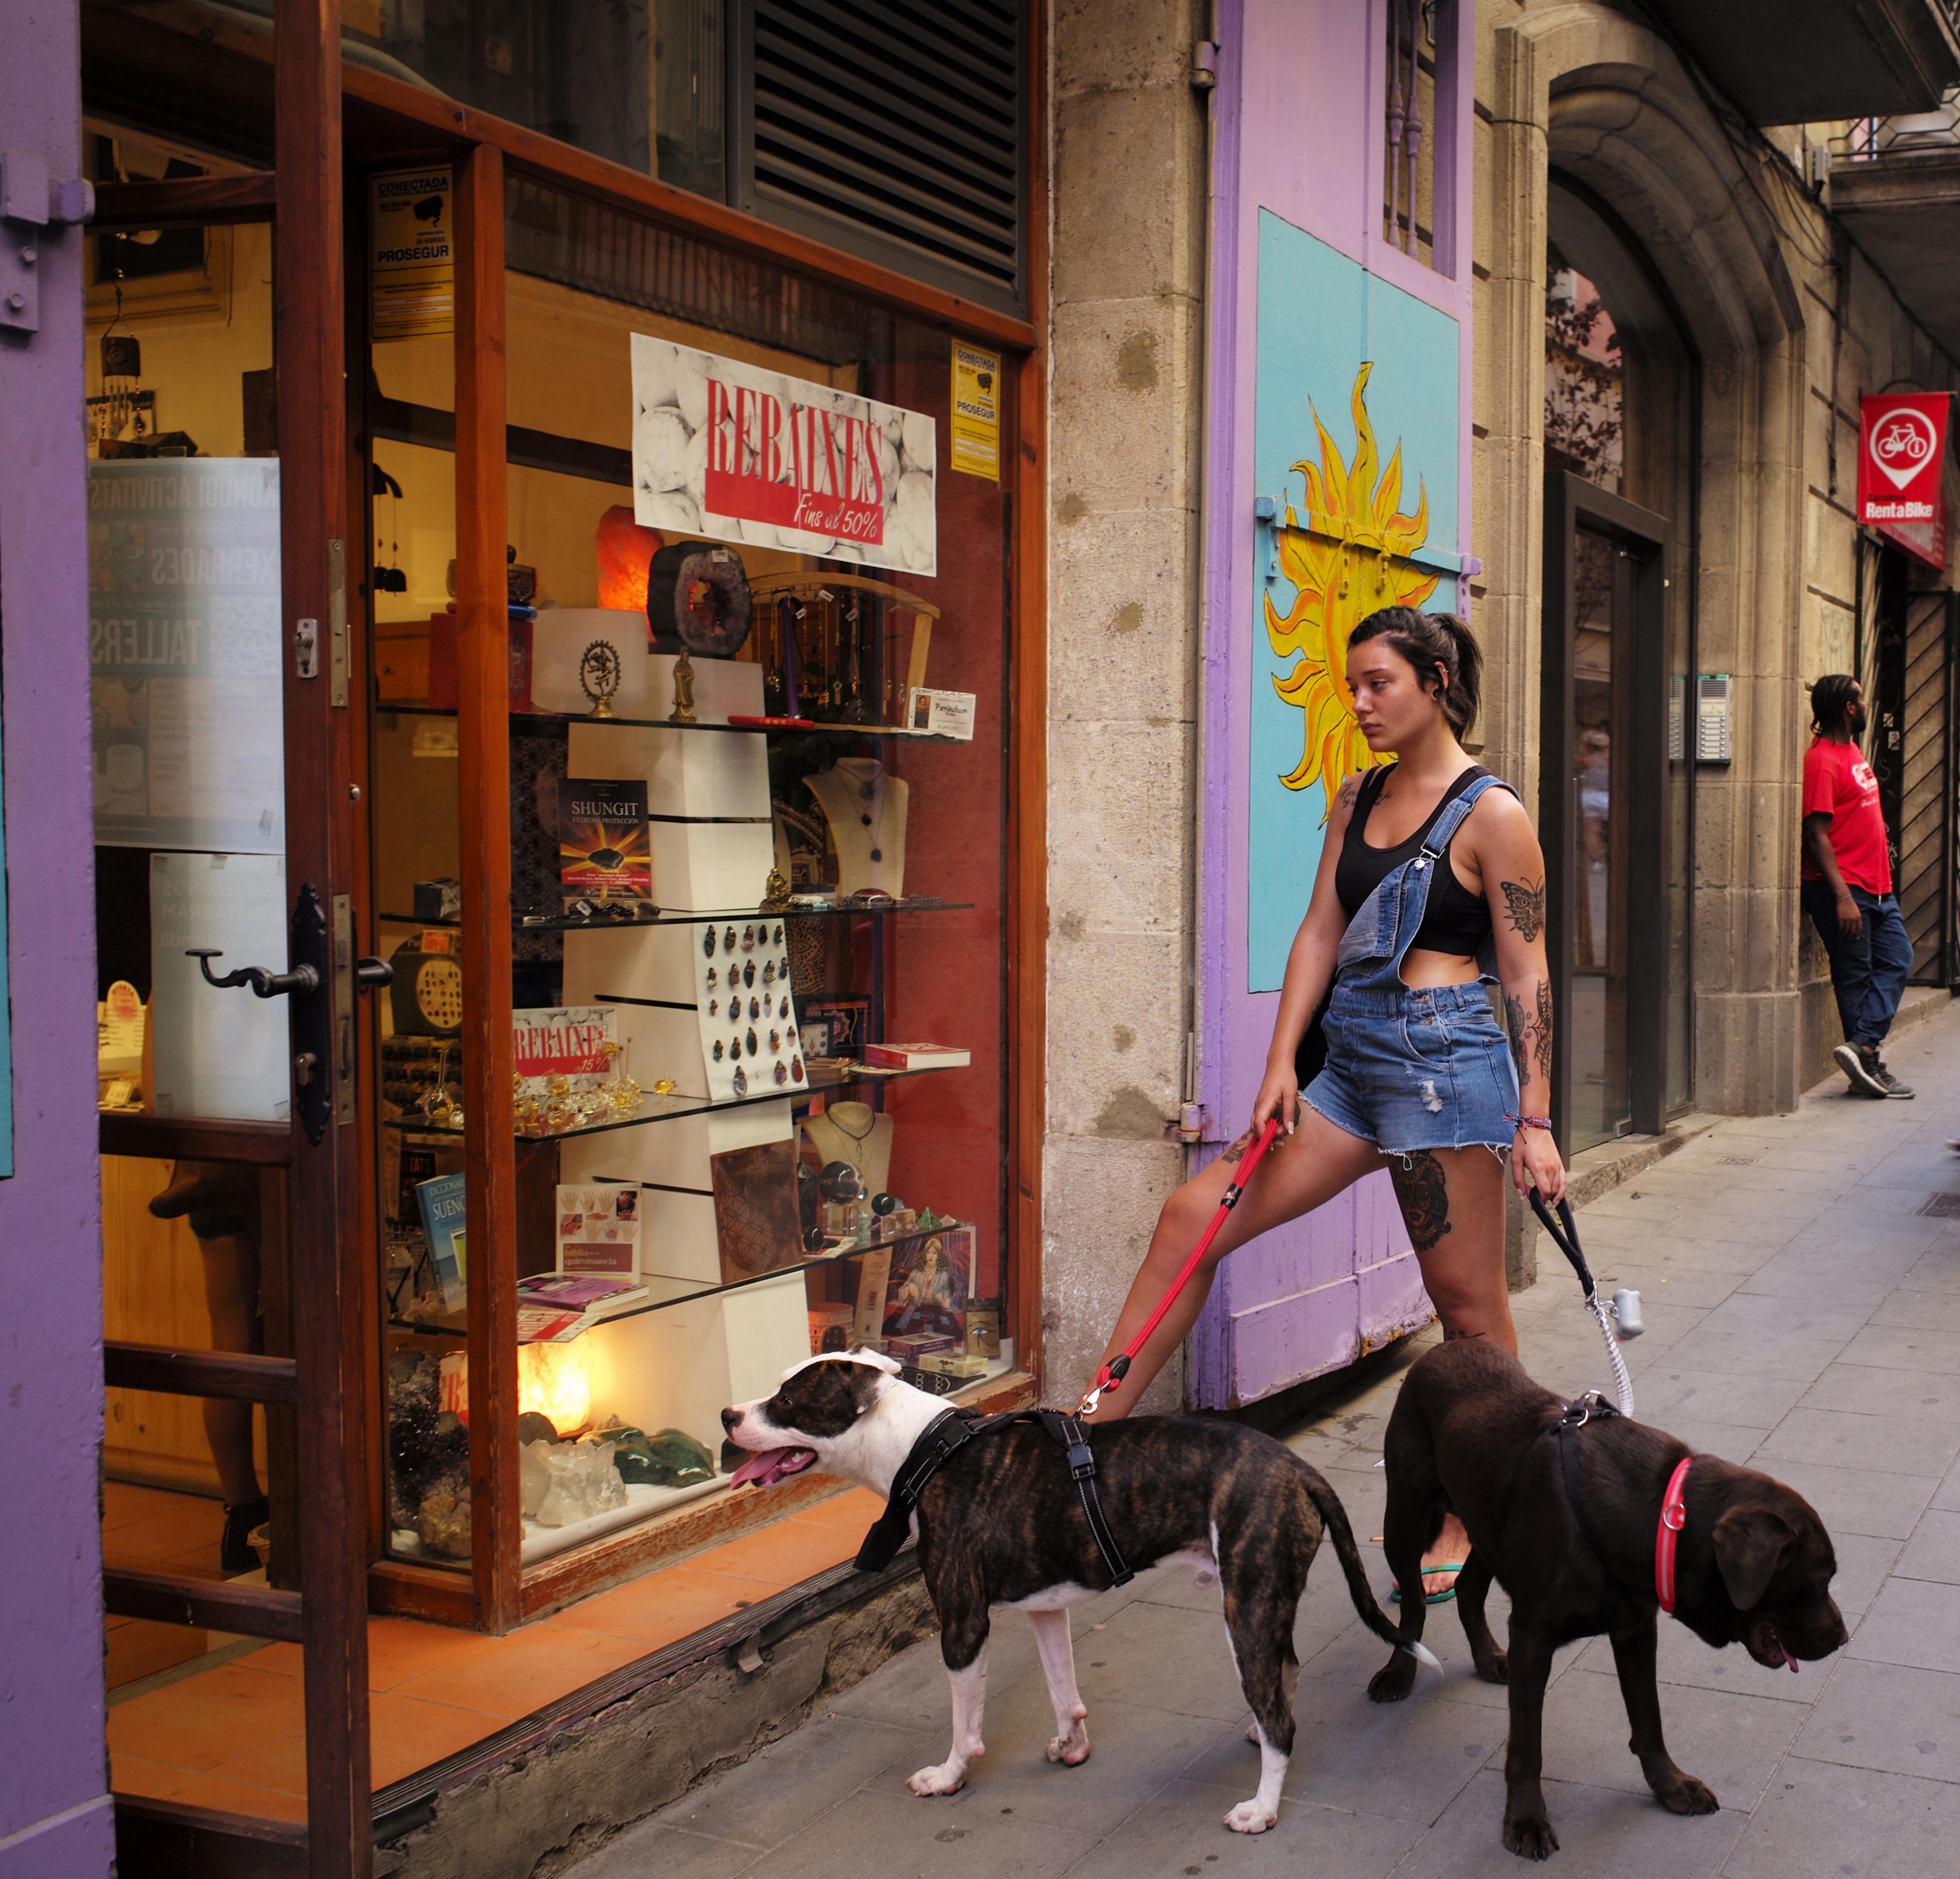 17h07 Barcelona de Chirico_0038 variante 2